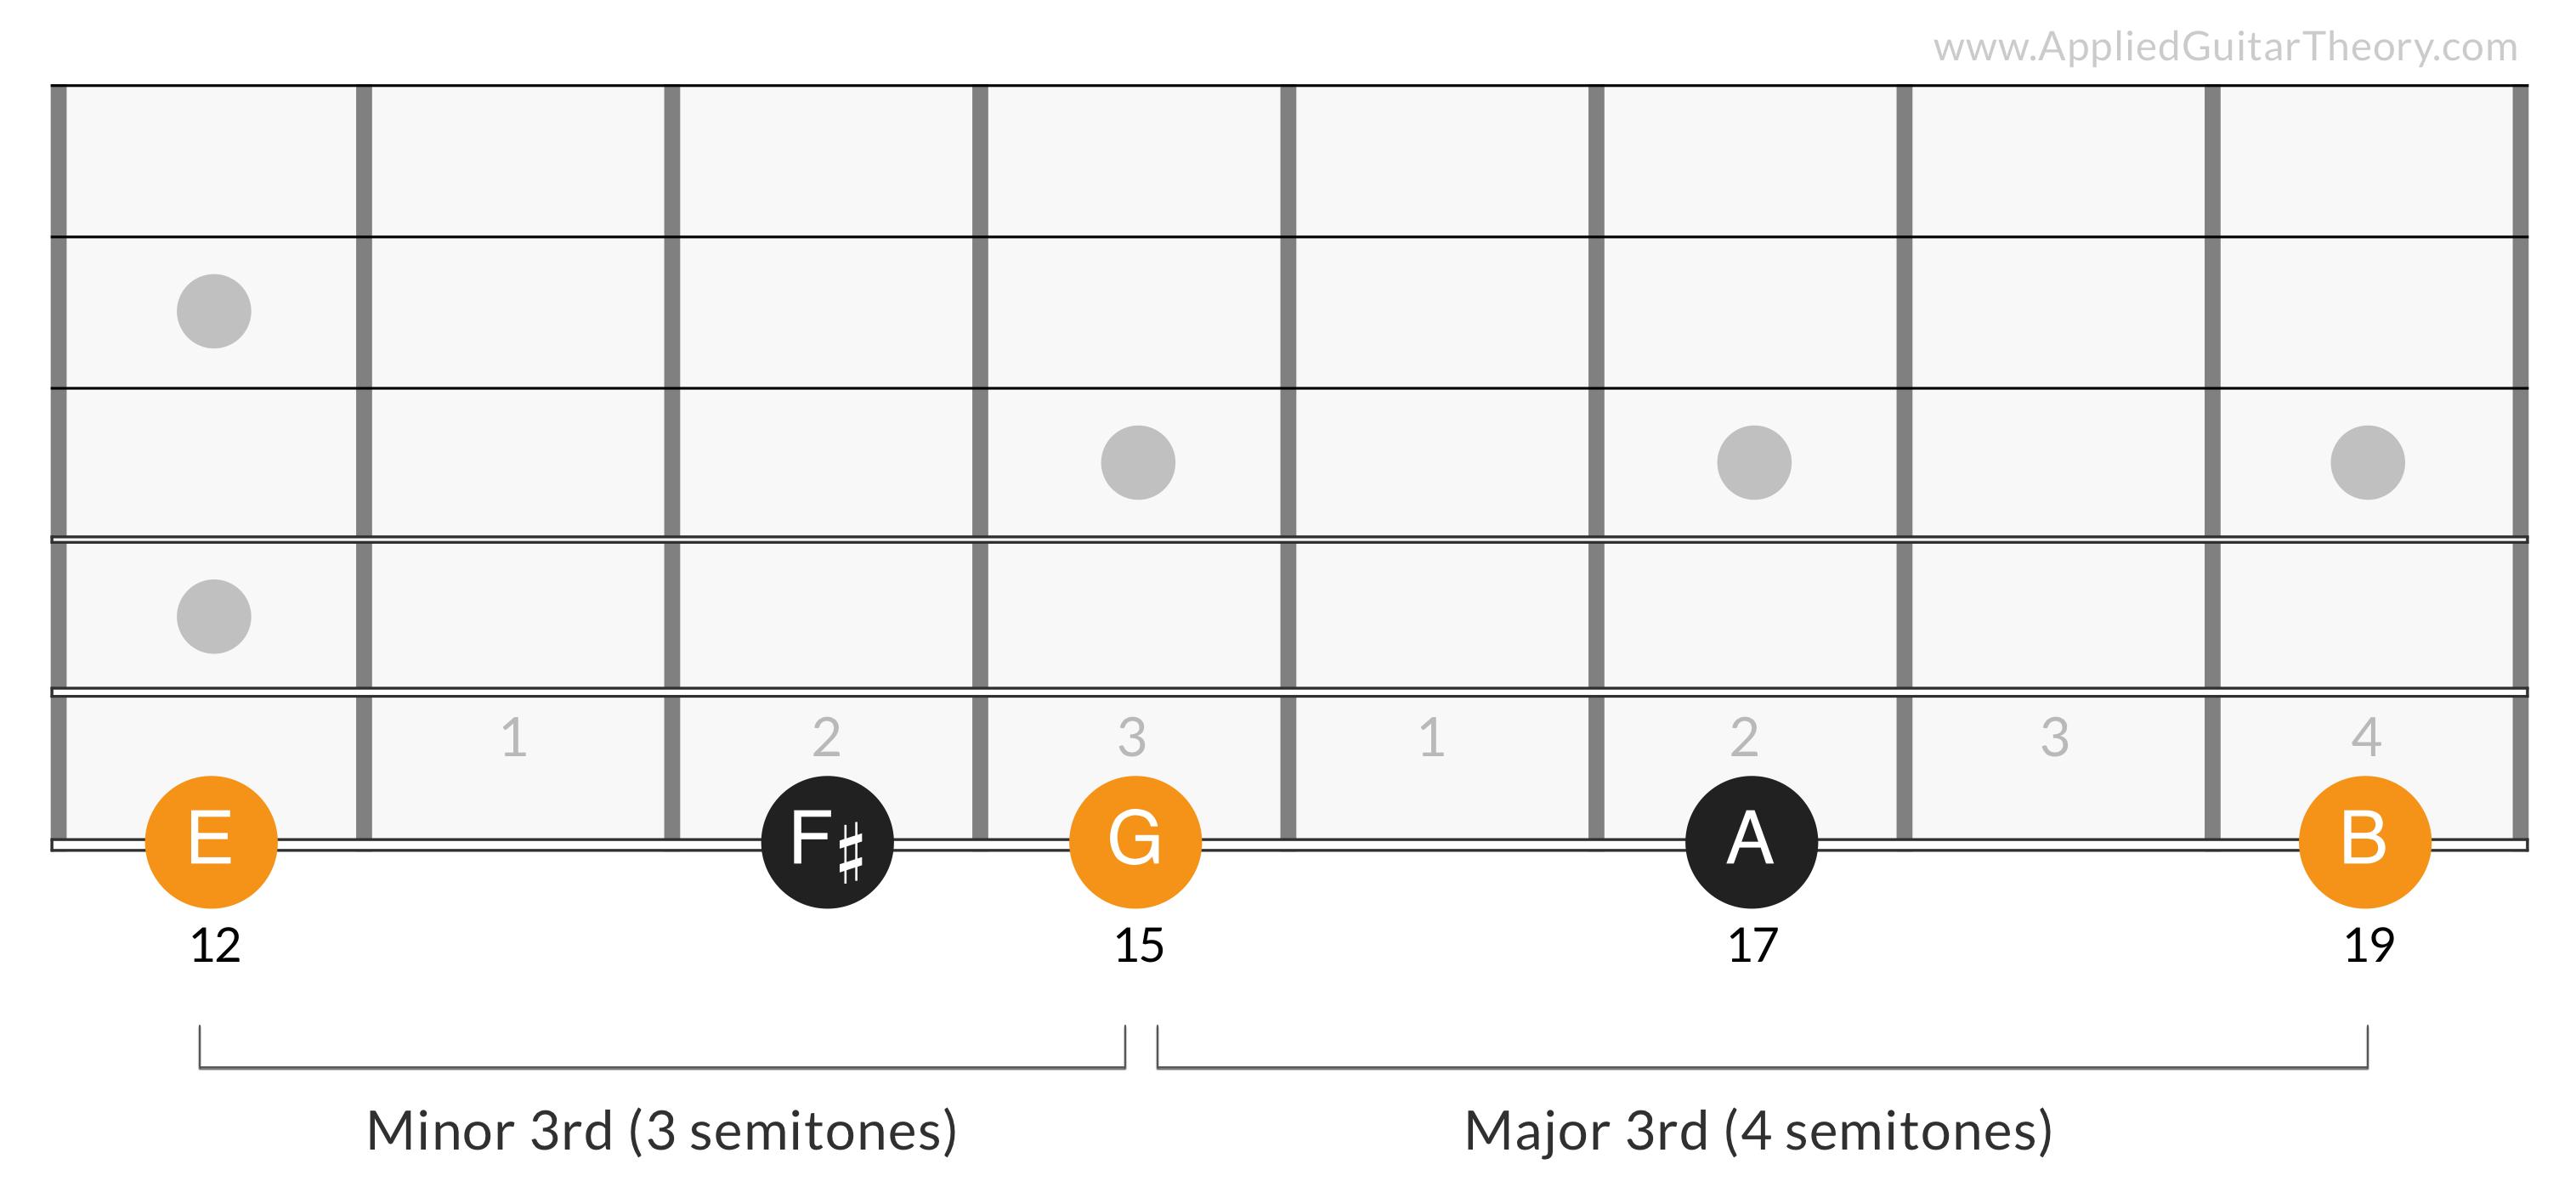 G Major Triad 6th Degree - E G B